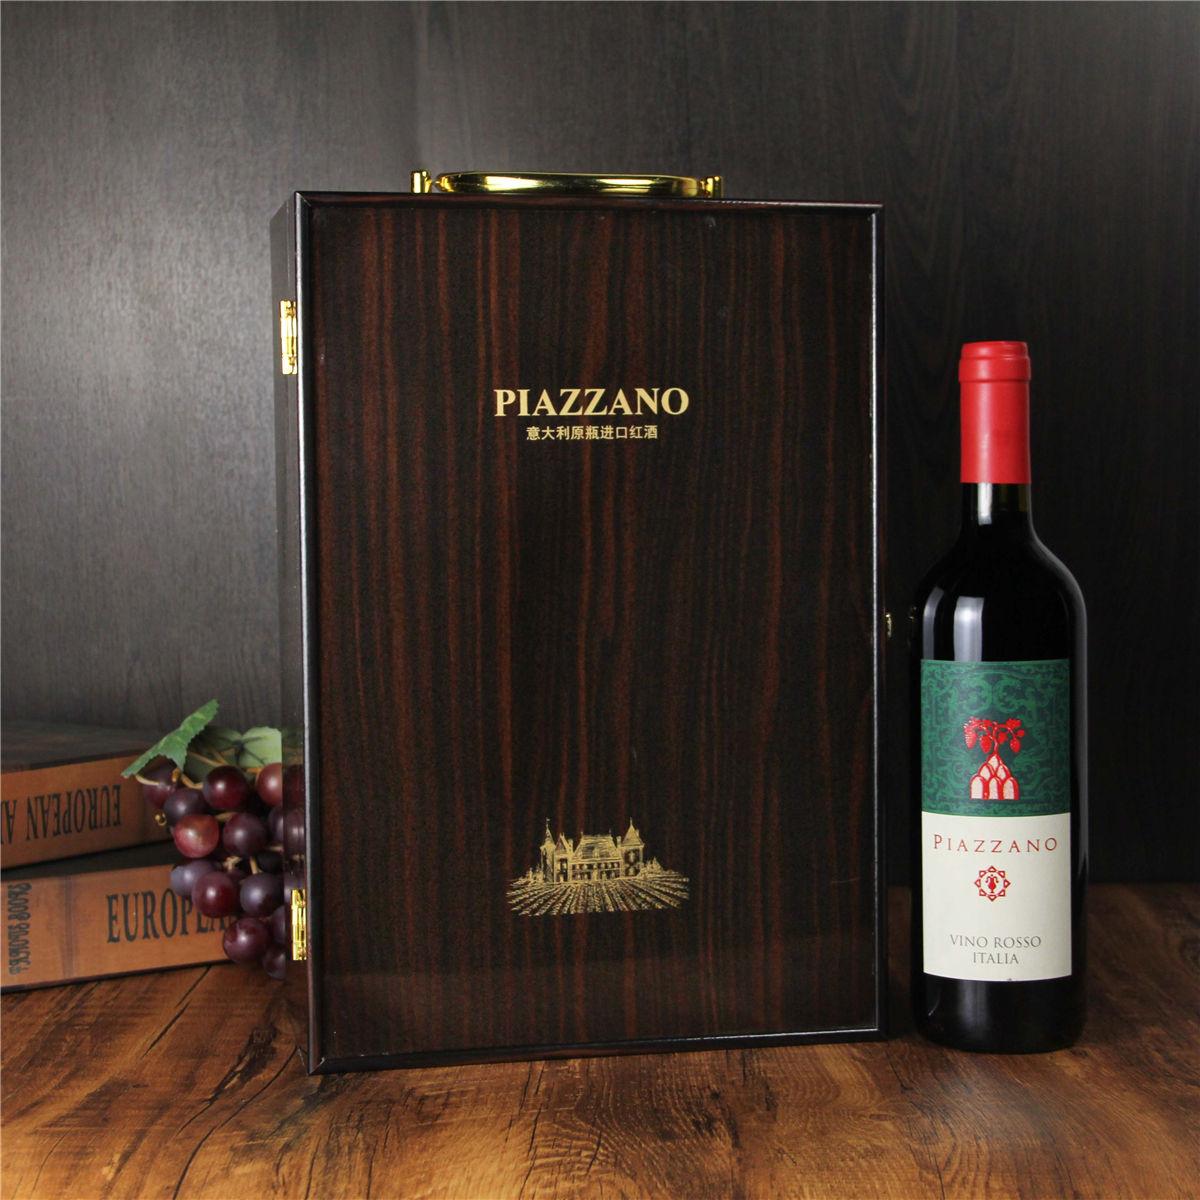 皮亚扎诺干红葡萄酒